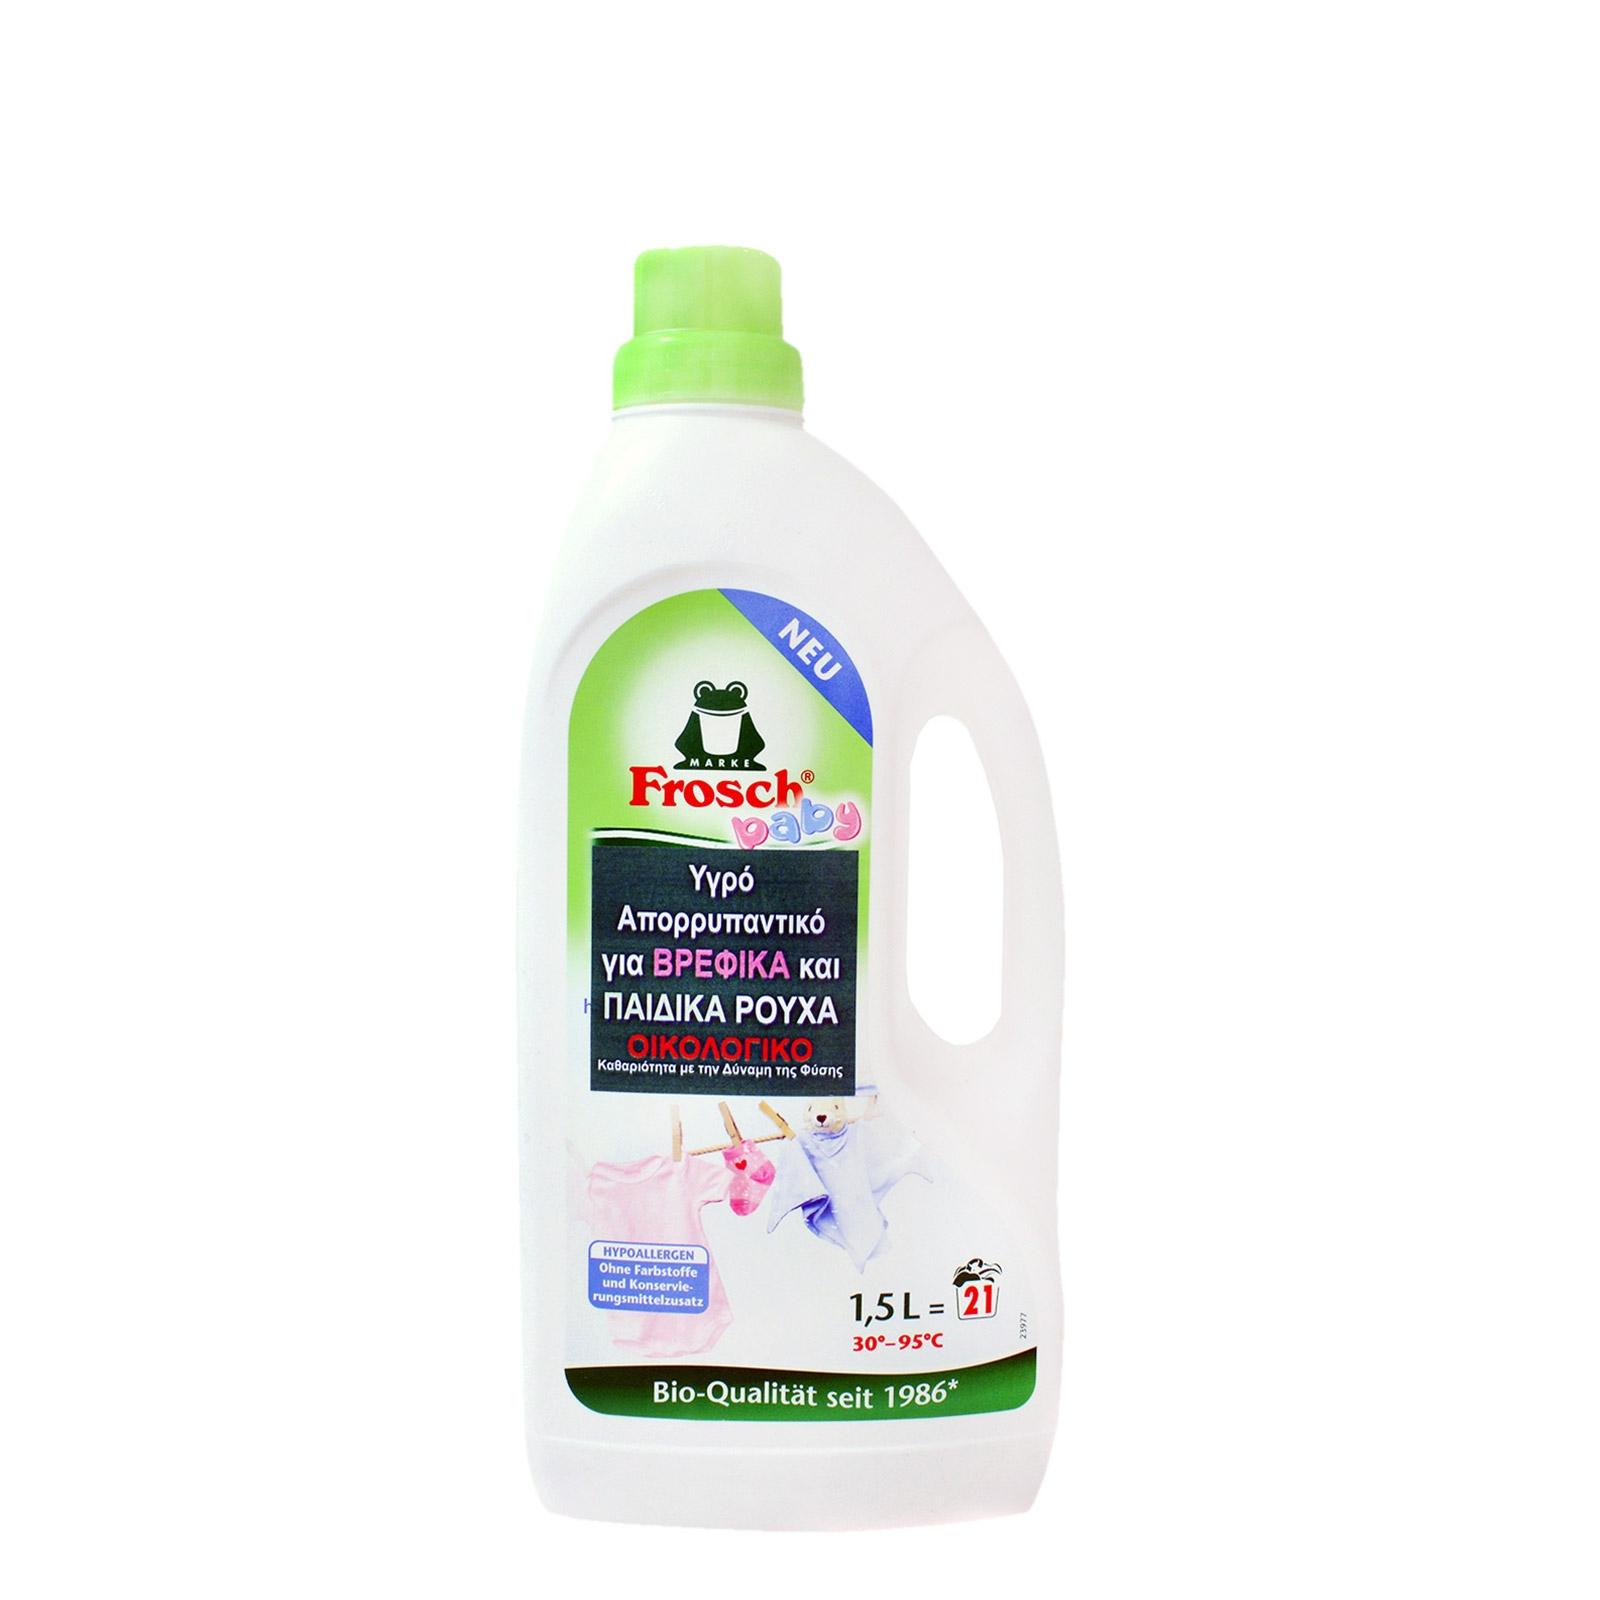 Frosch Bio Baby Wash Liquid 1.5L